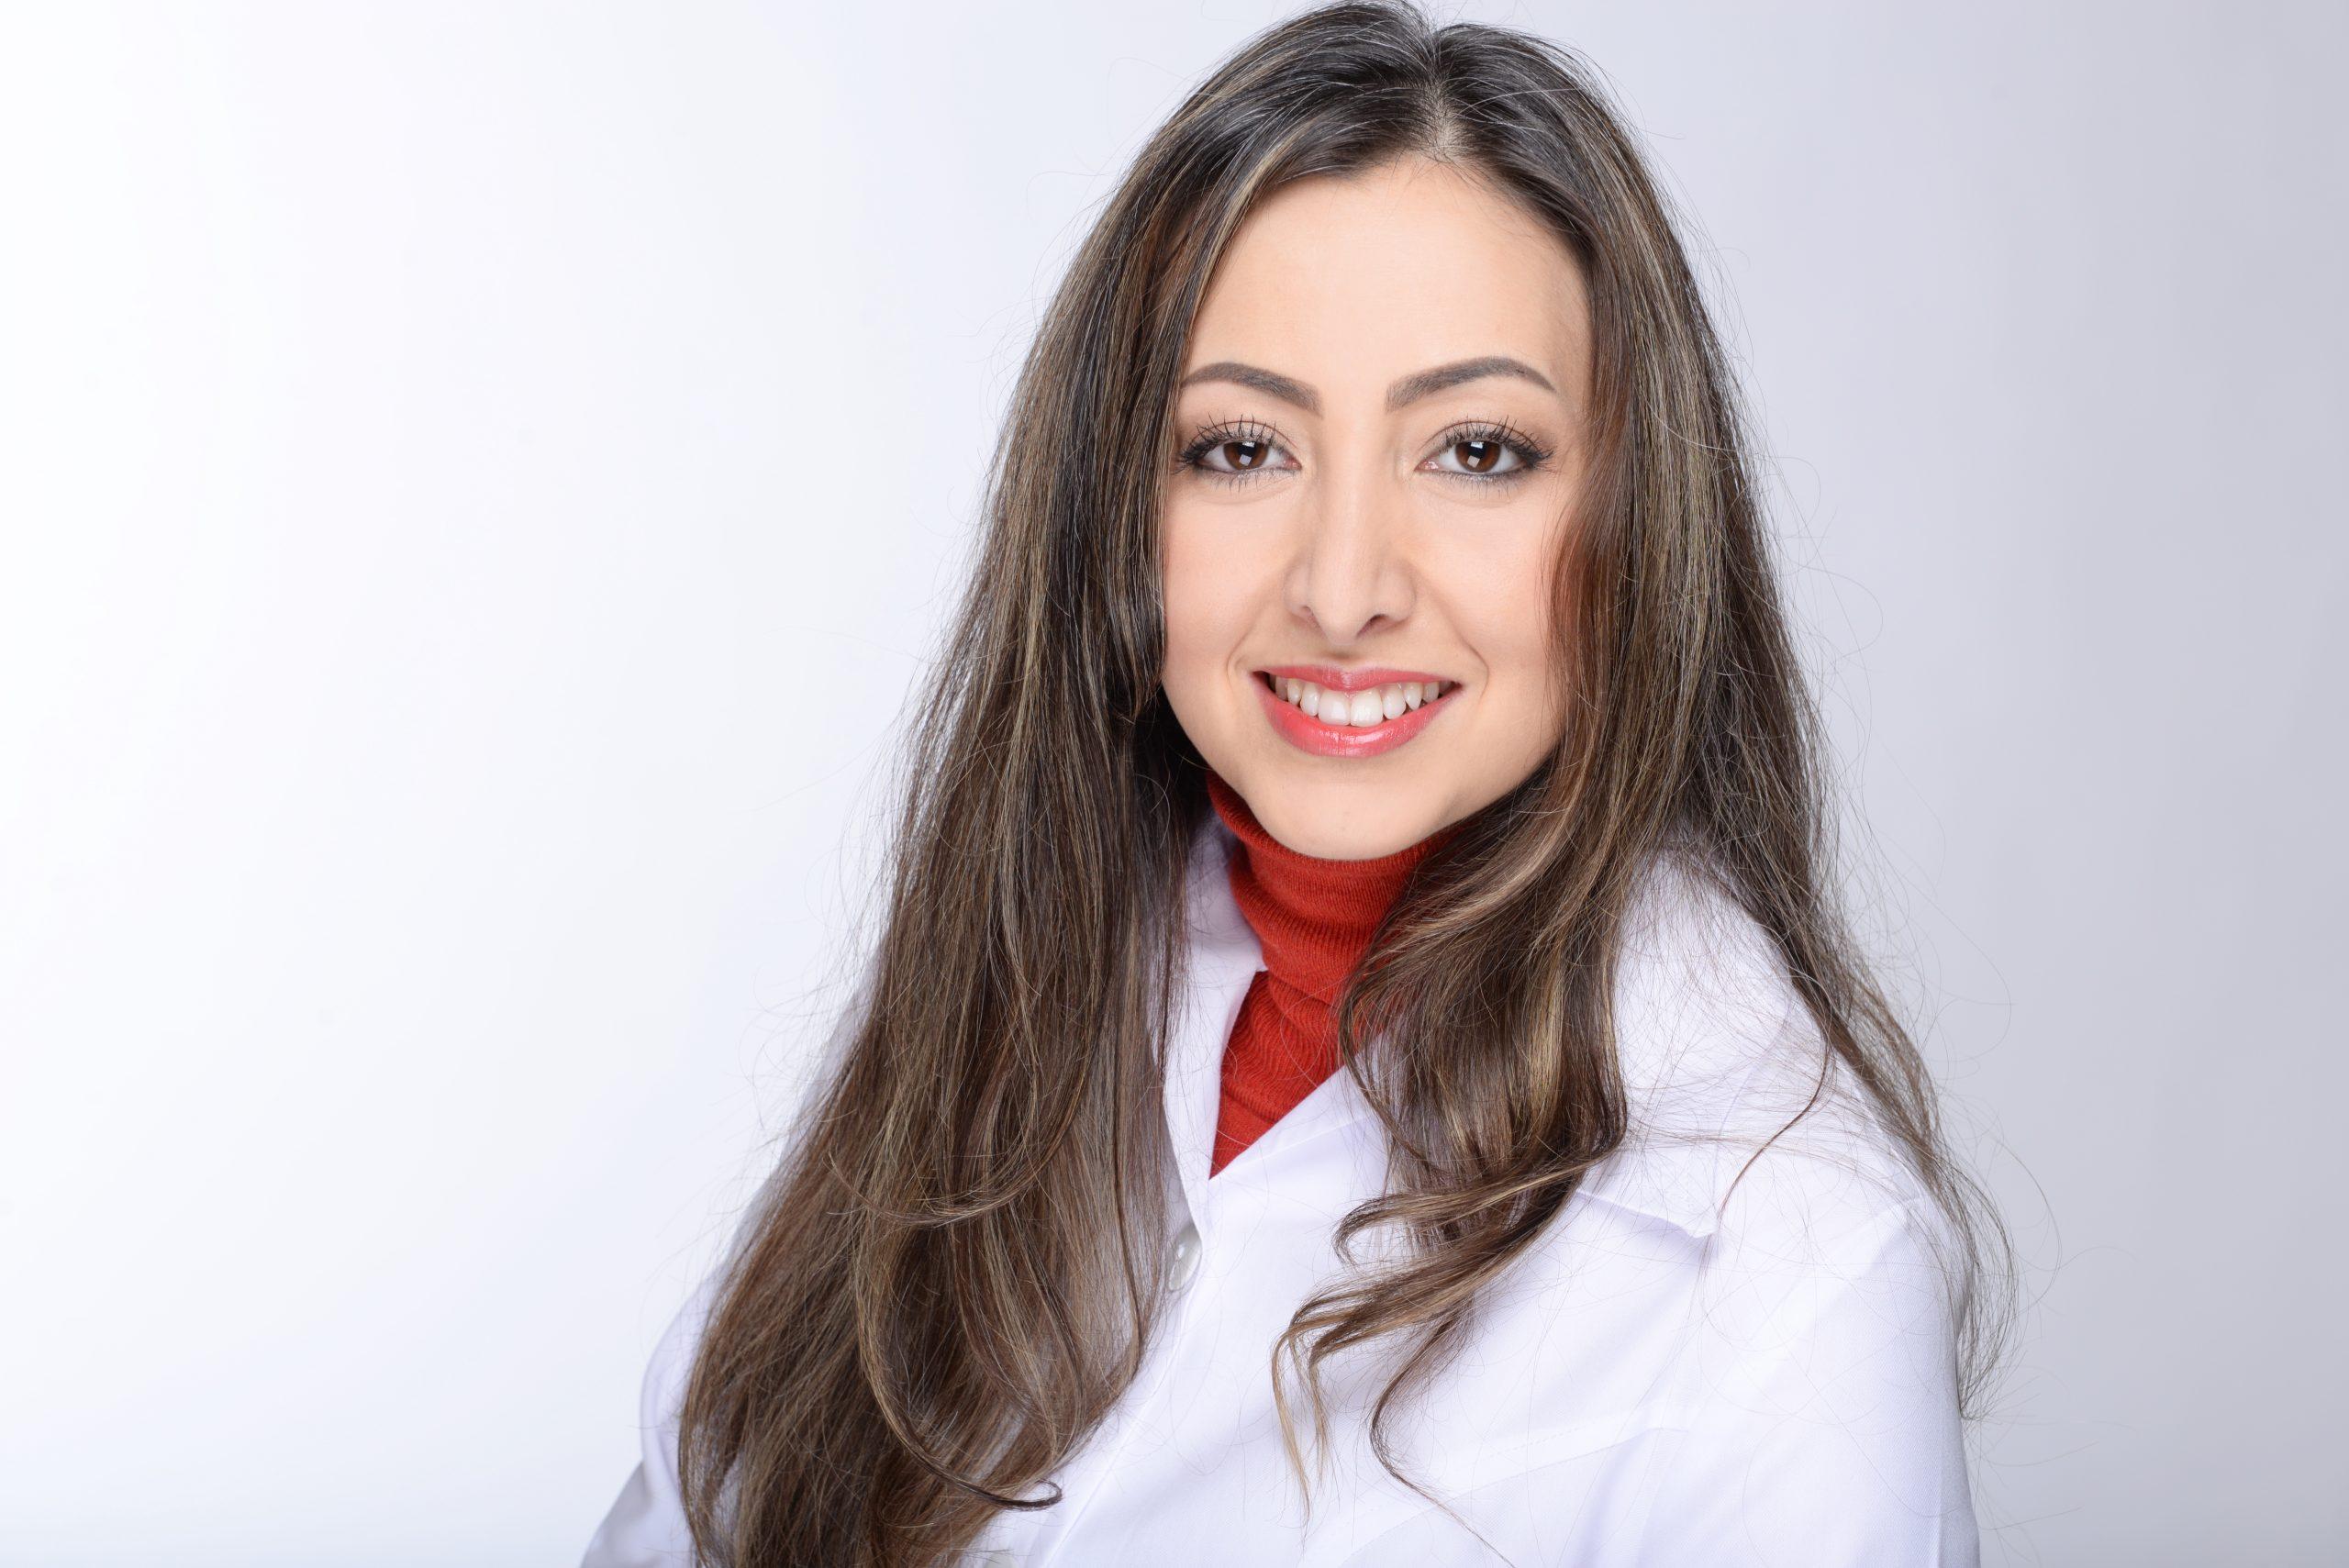 Shadi Saeidian Khorosgani